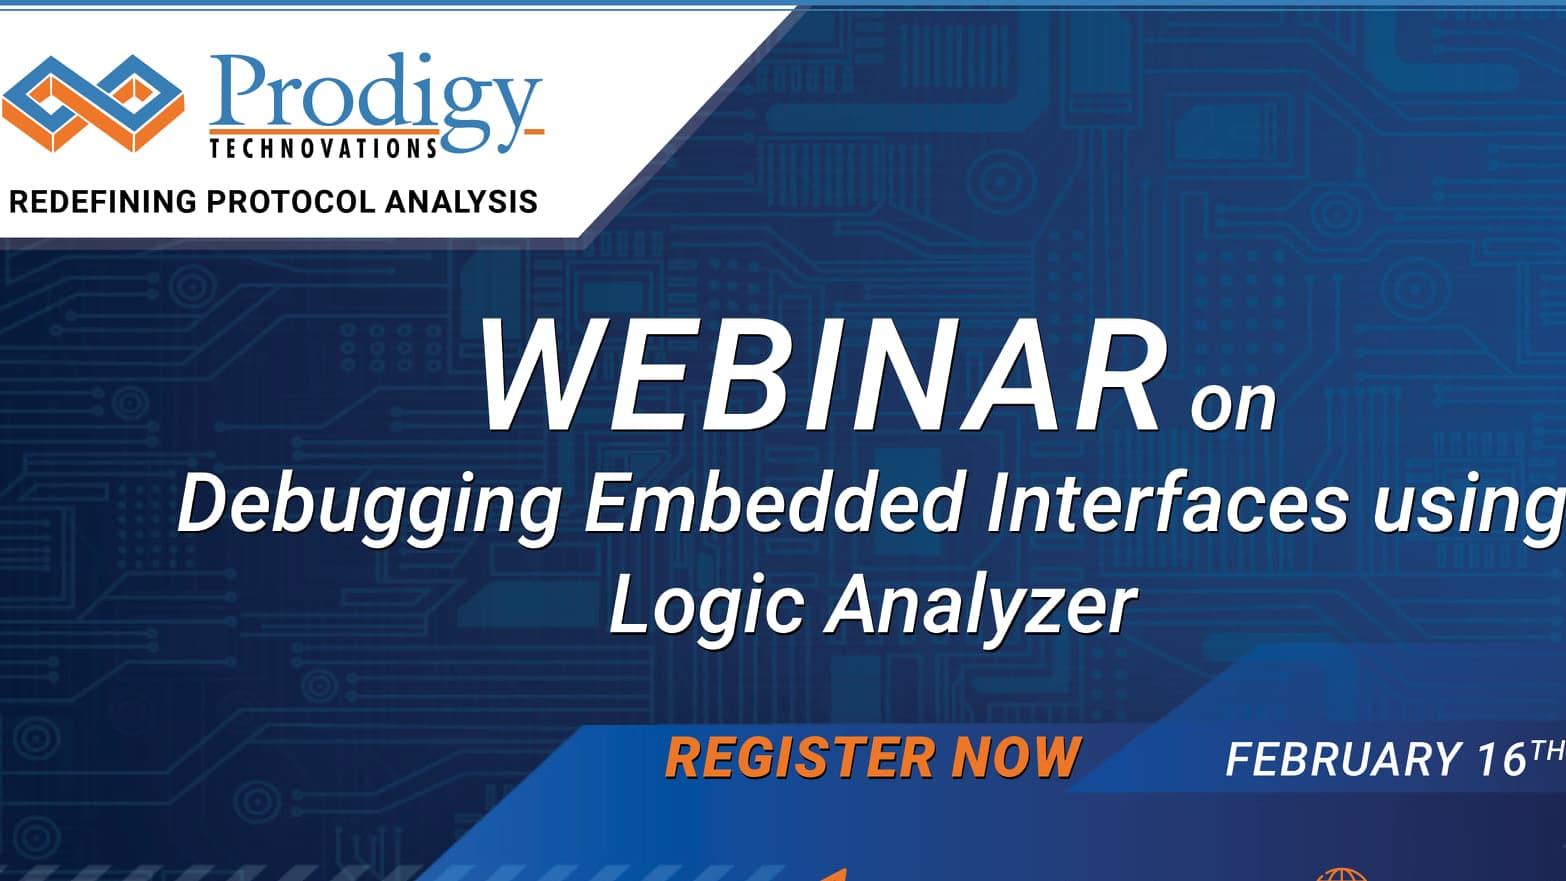 Prodigy Technovations embedded technology